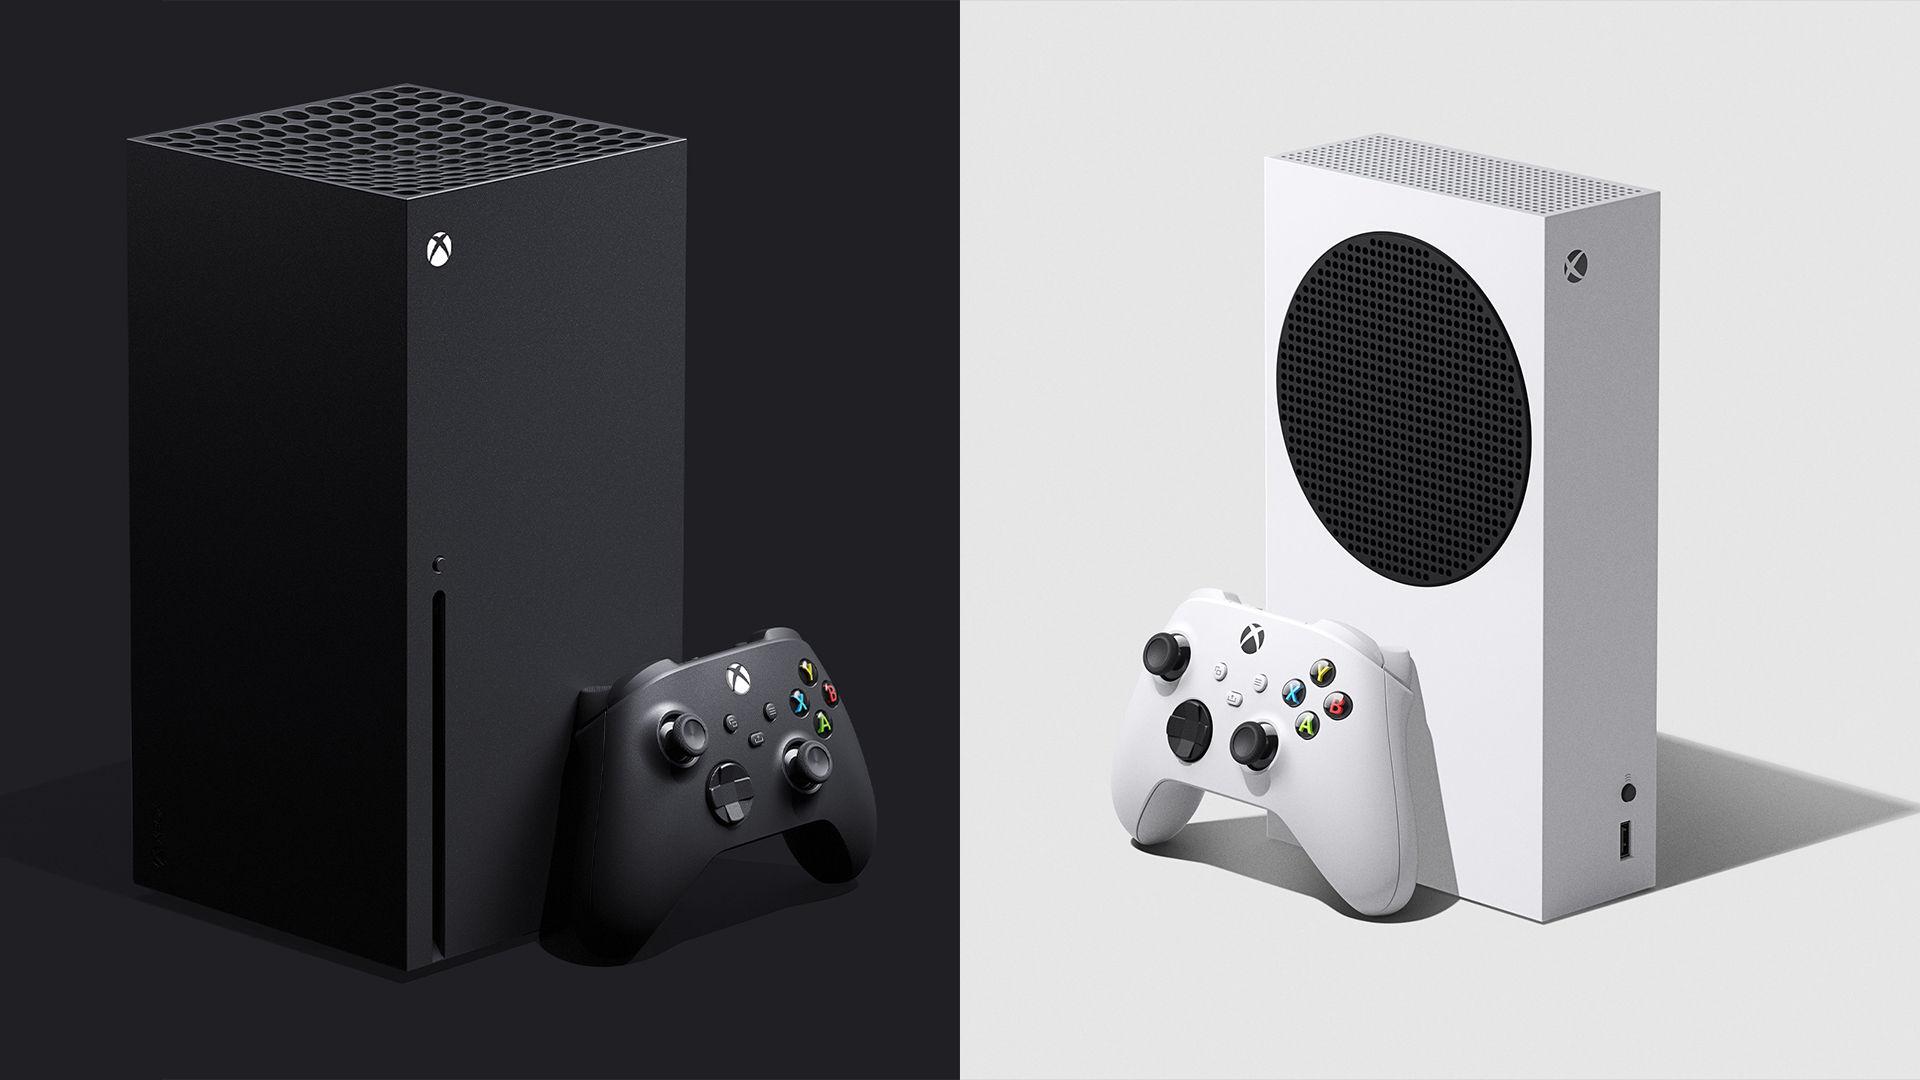 Det här är skillnaden mellan Xbox Series X och Xbox Series S